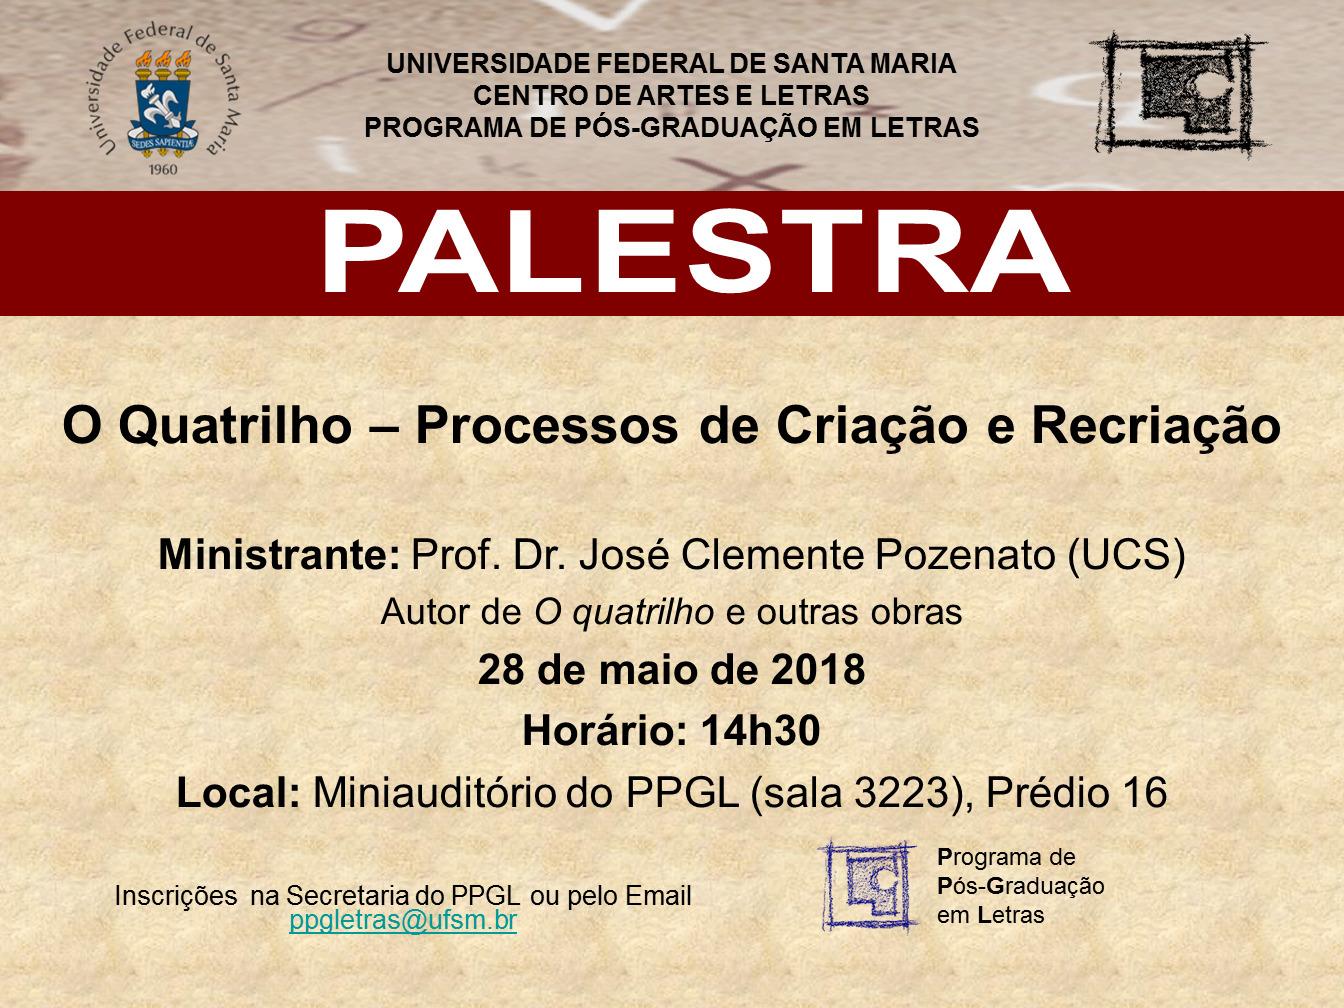 Palestra Dr. José Clemente